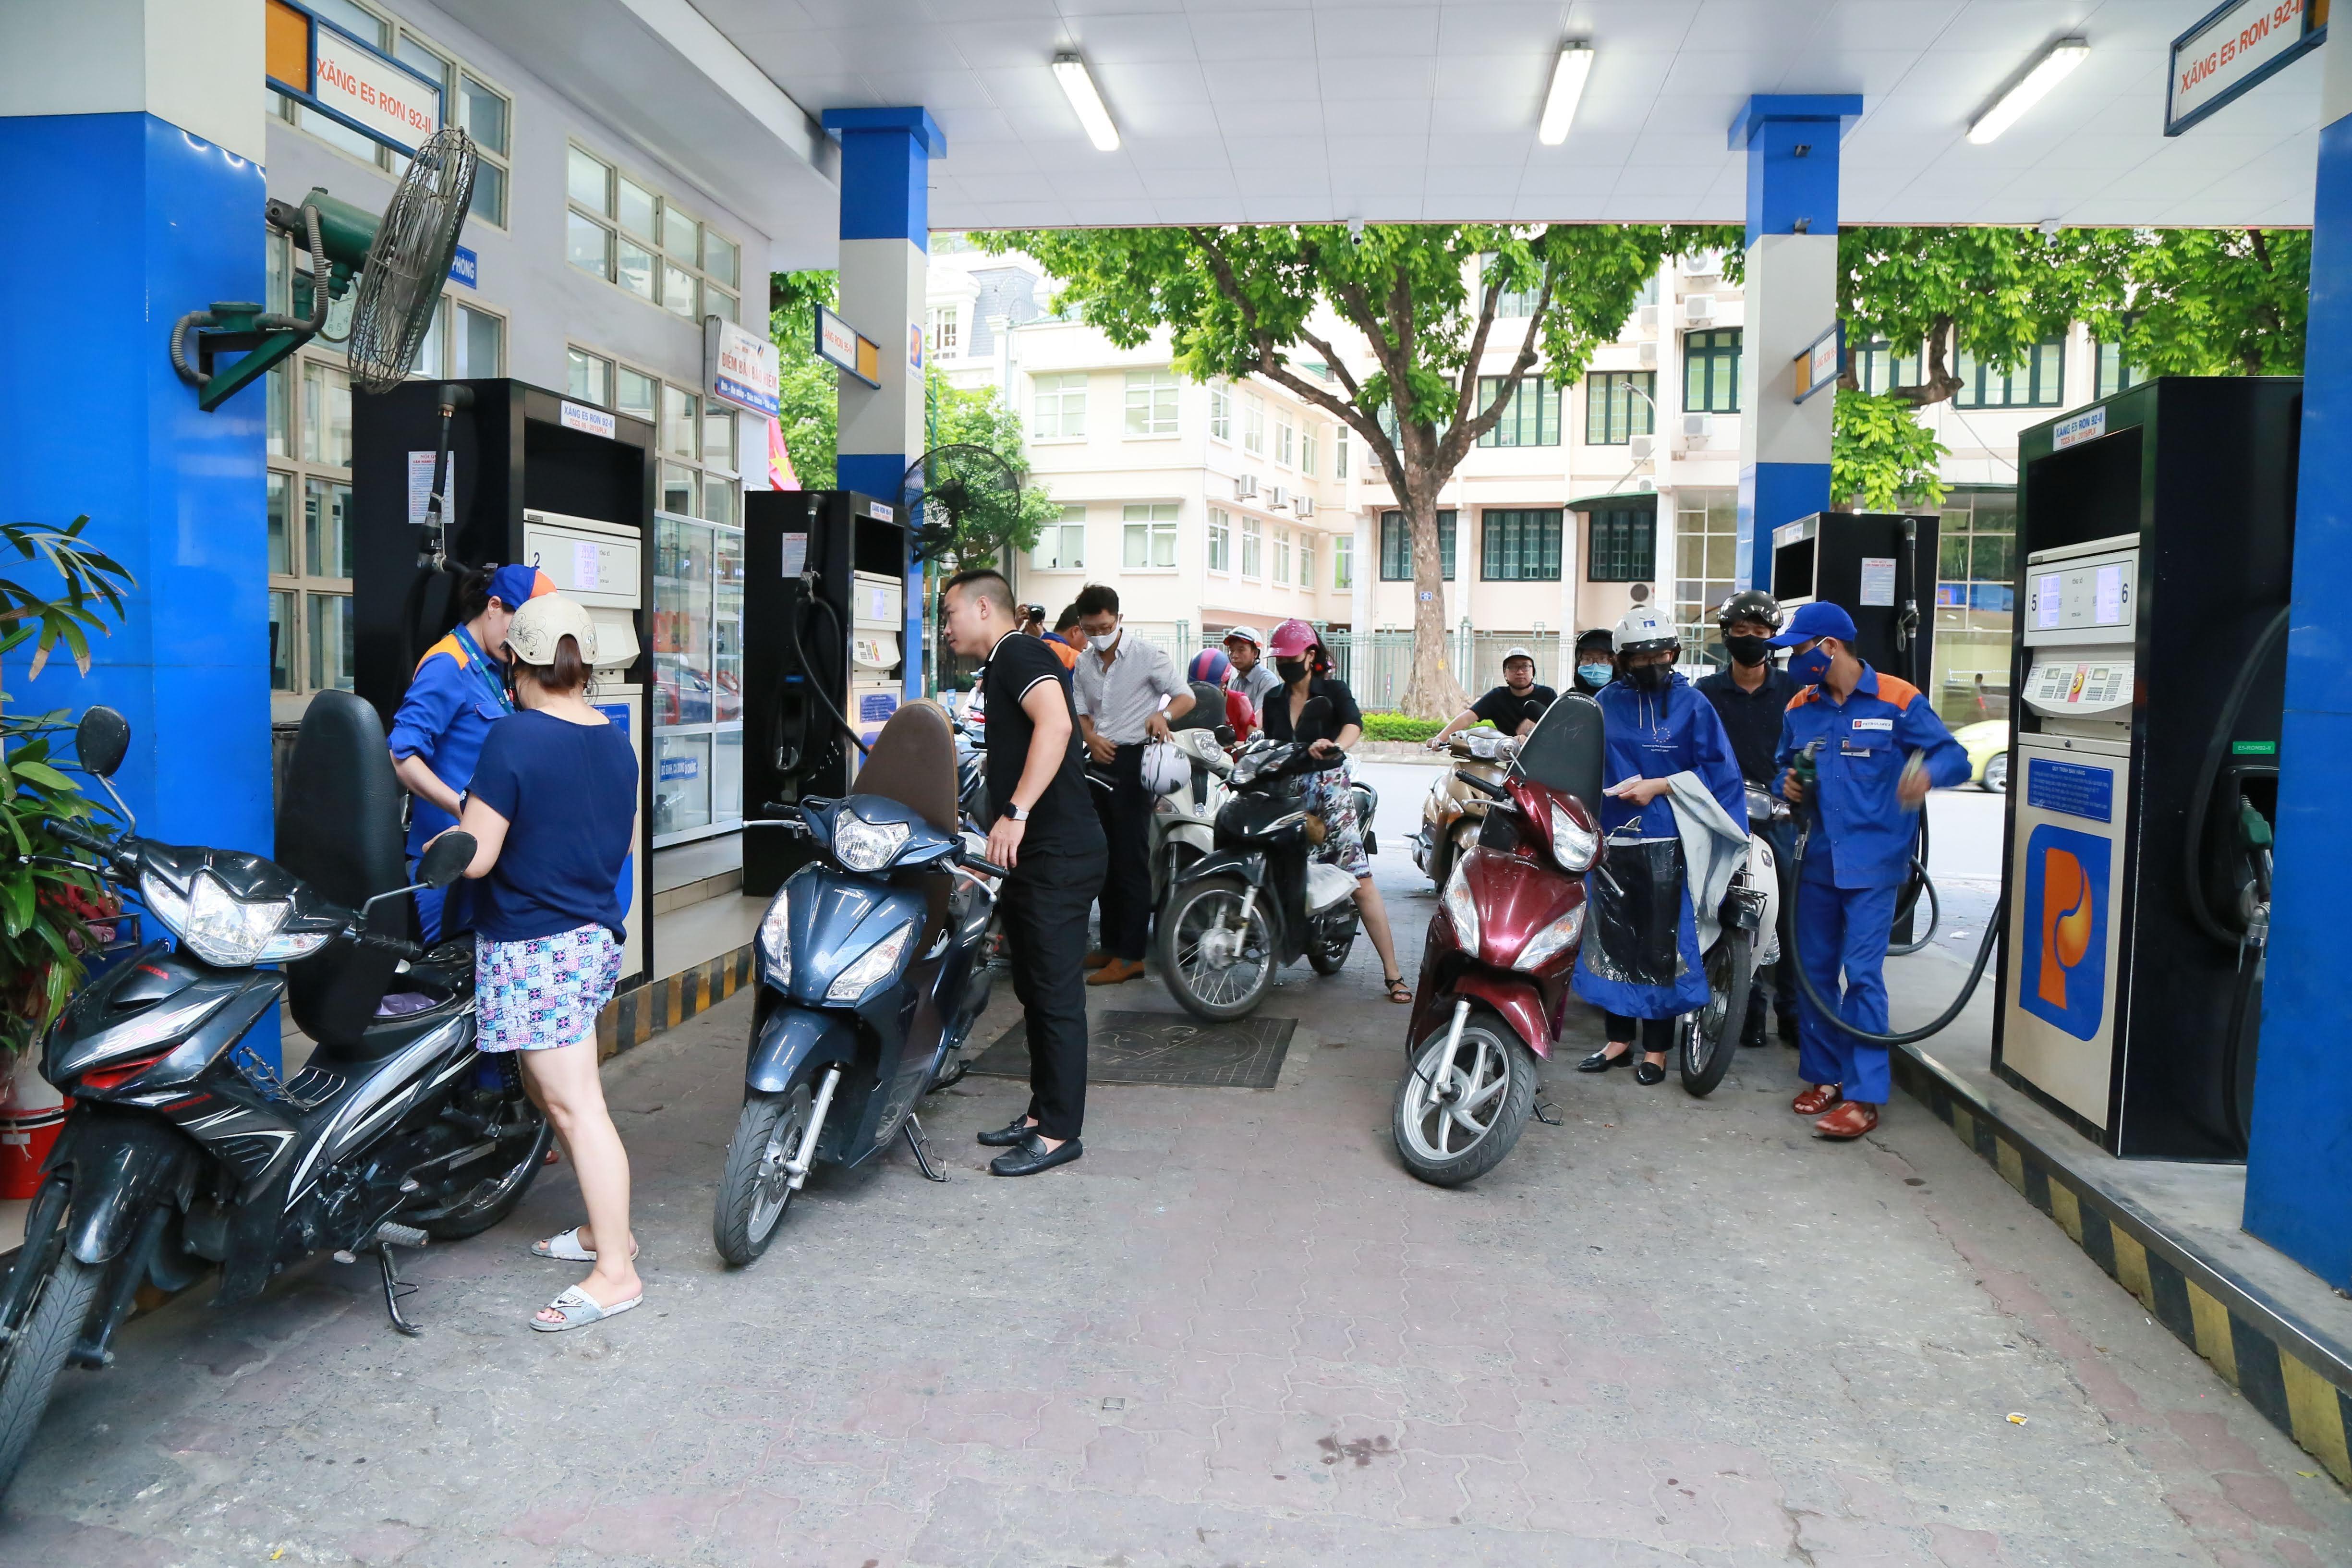 Thị trường xăng dầu hi vọng sẽ cởi mở. Ảnh: Quang Vinh.